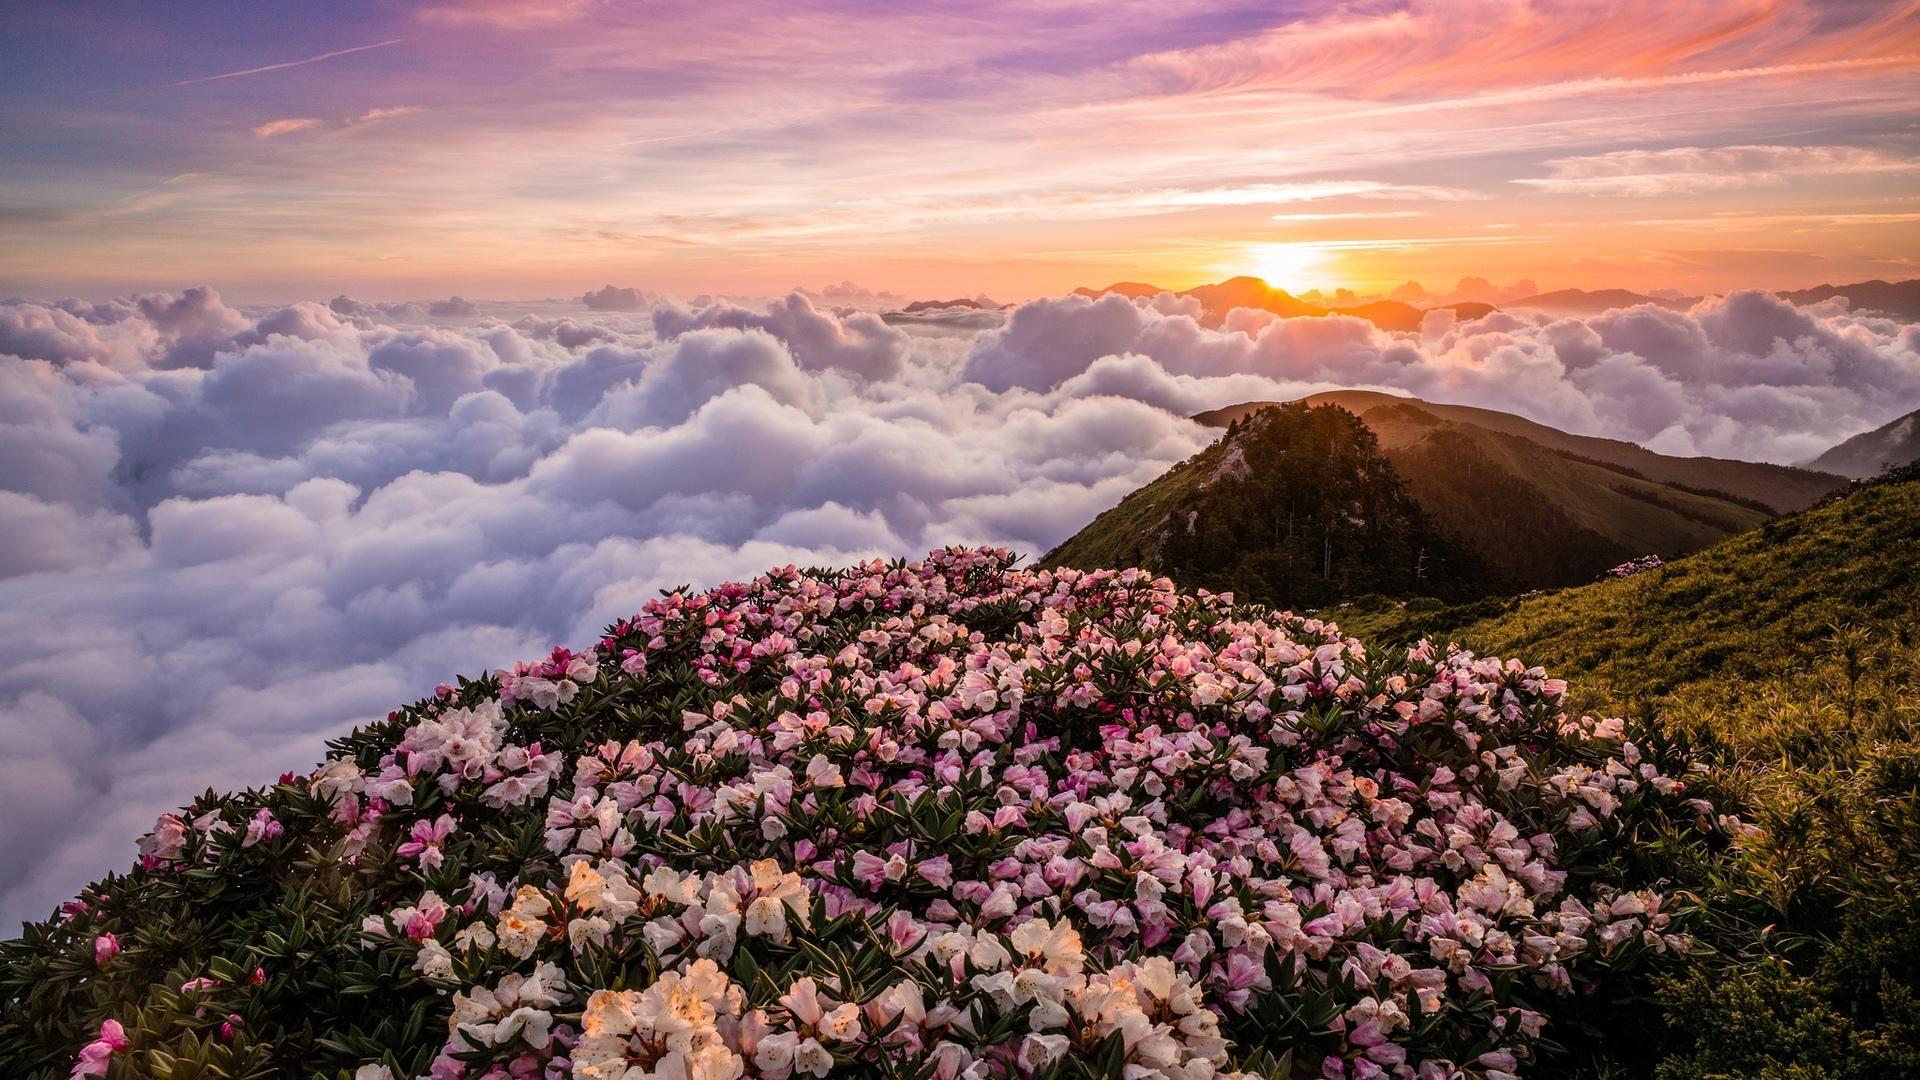 цветущие горы картинка продолжает свои поиски